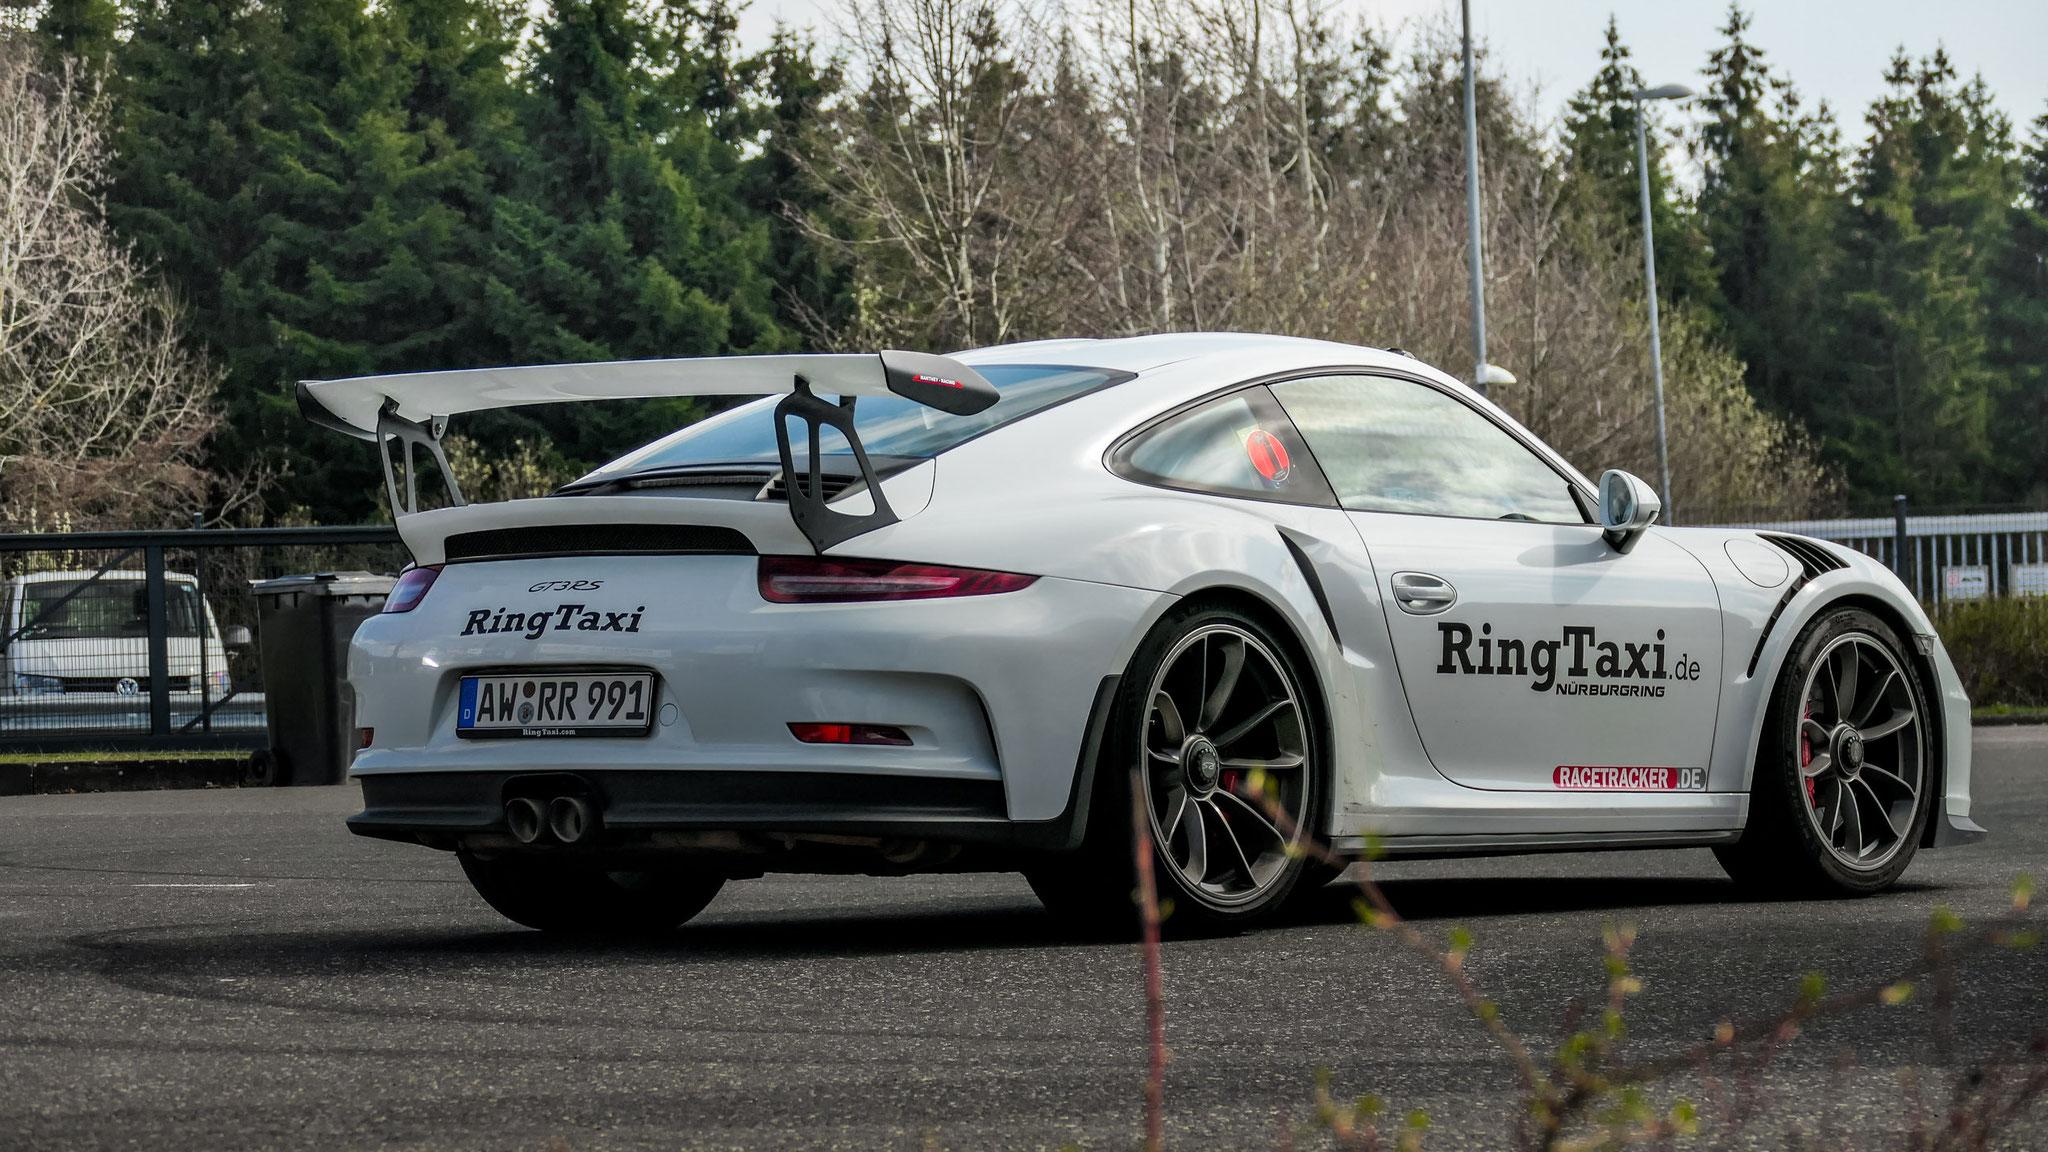 Porsche 911 GT3 RS - AW-RR-991